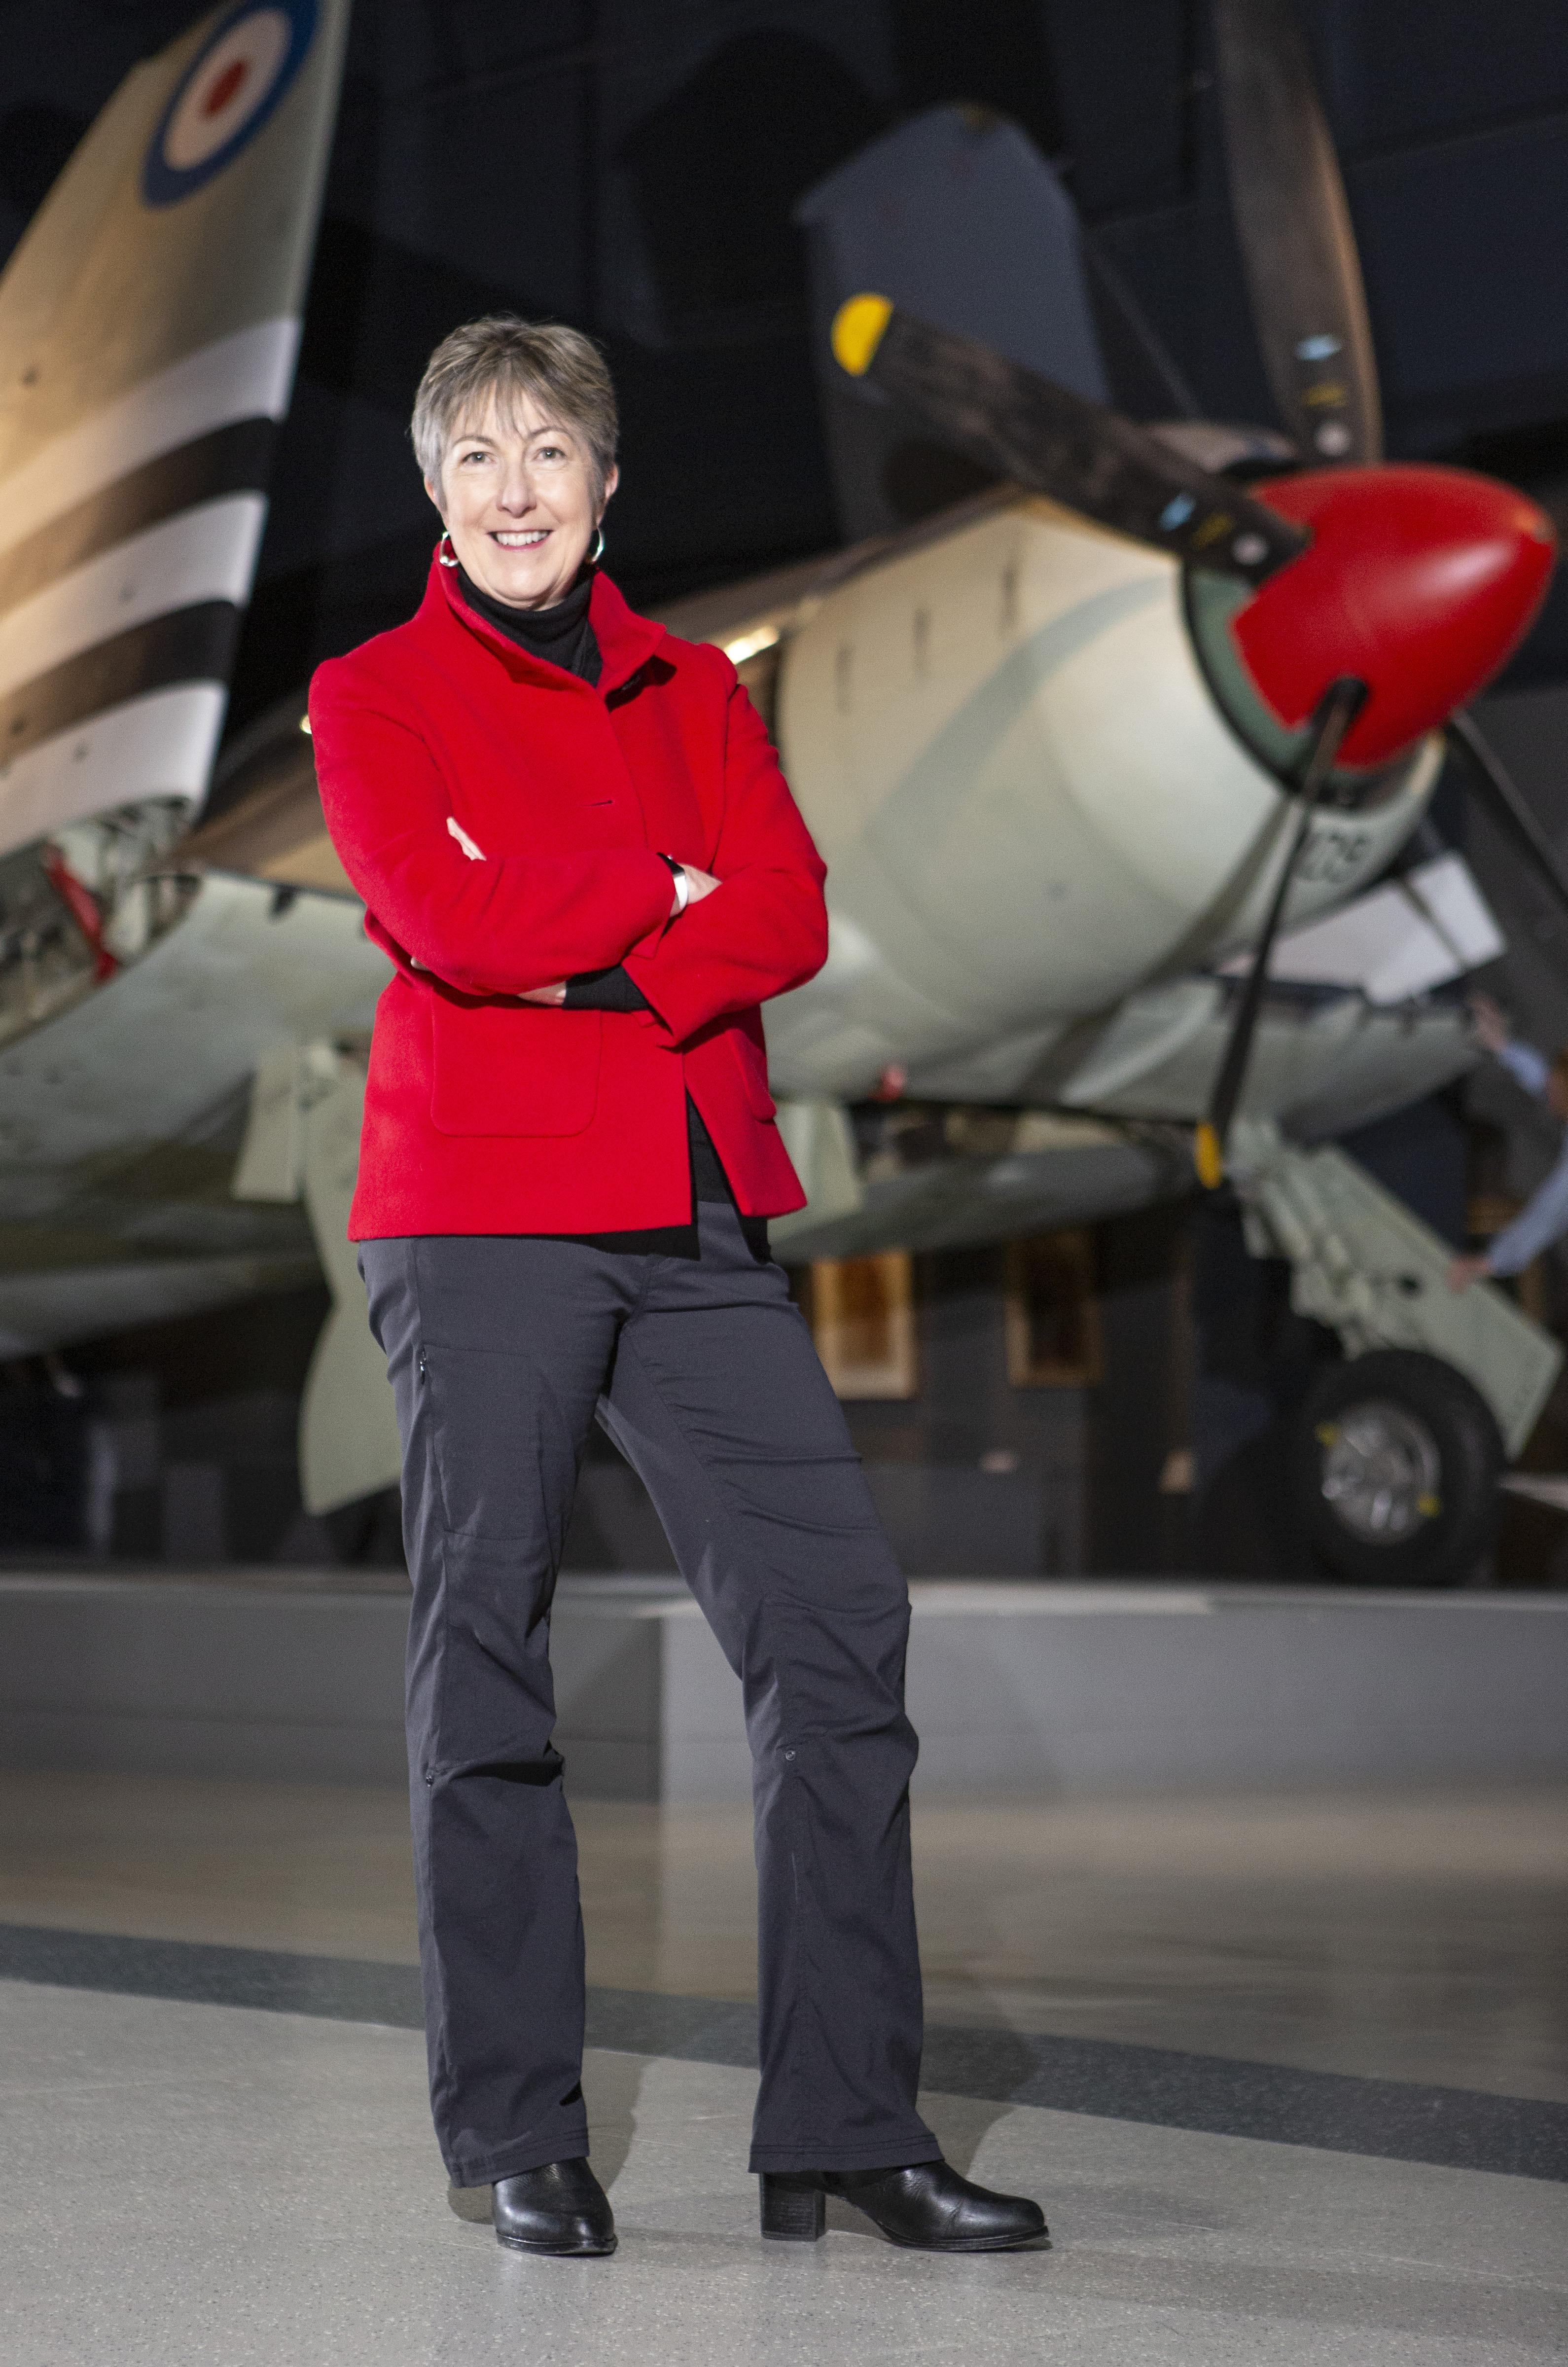 Wing Commander Robyn Clay-Williams (Retd)